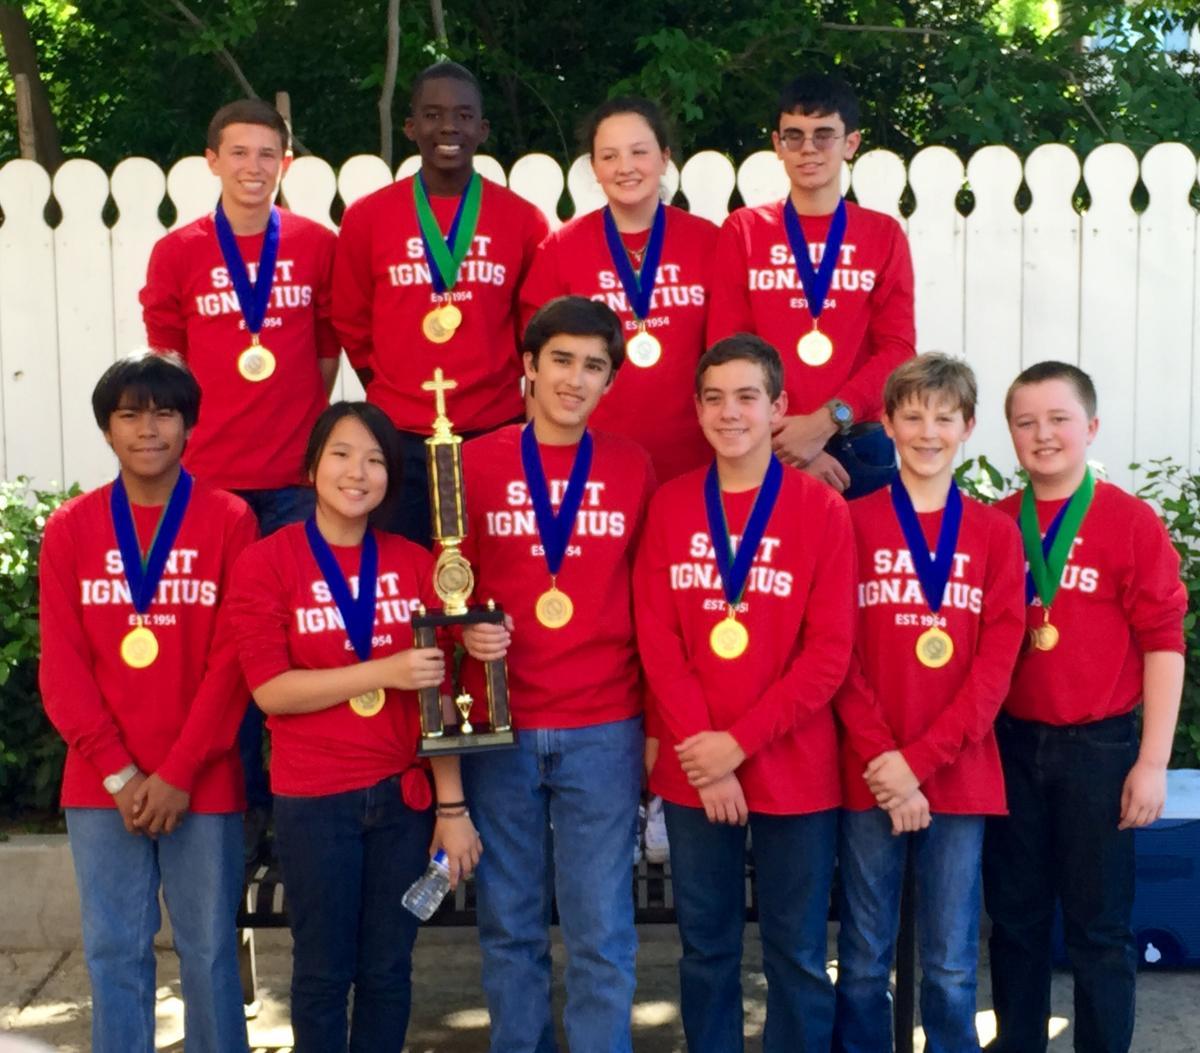 Congratulations To The St Ignatius Academic Decathlon Team St